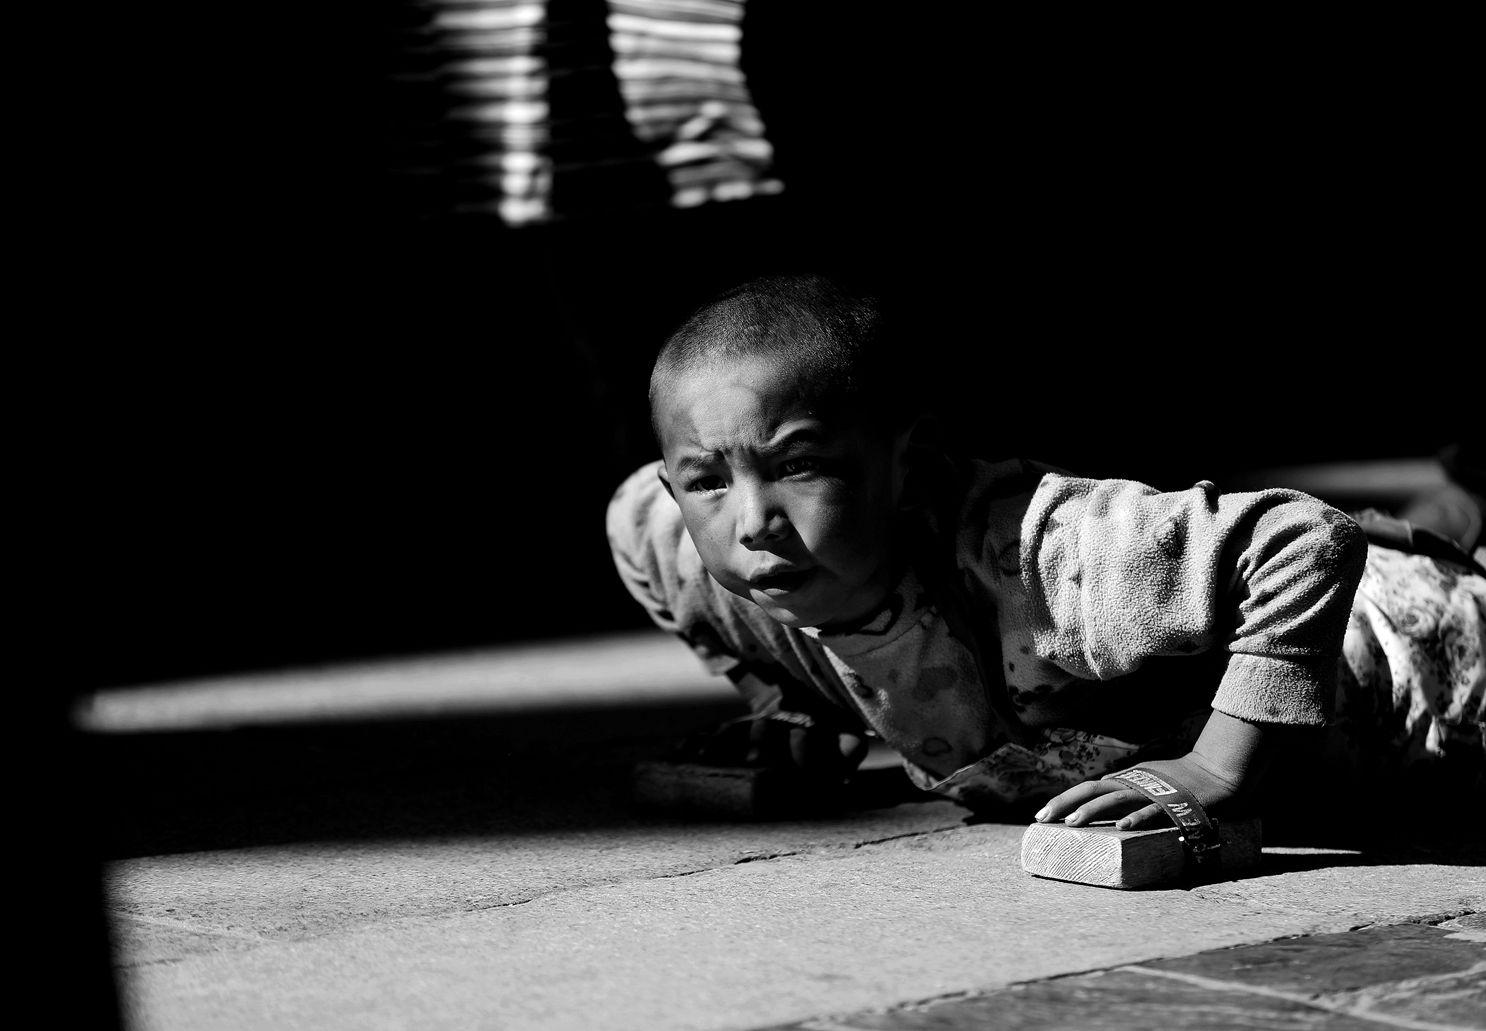 NIEKUN作品:顶礼膜拜的孩子